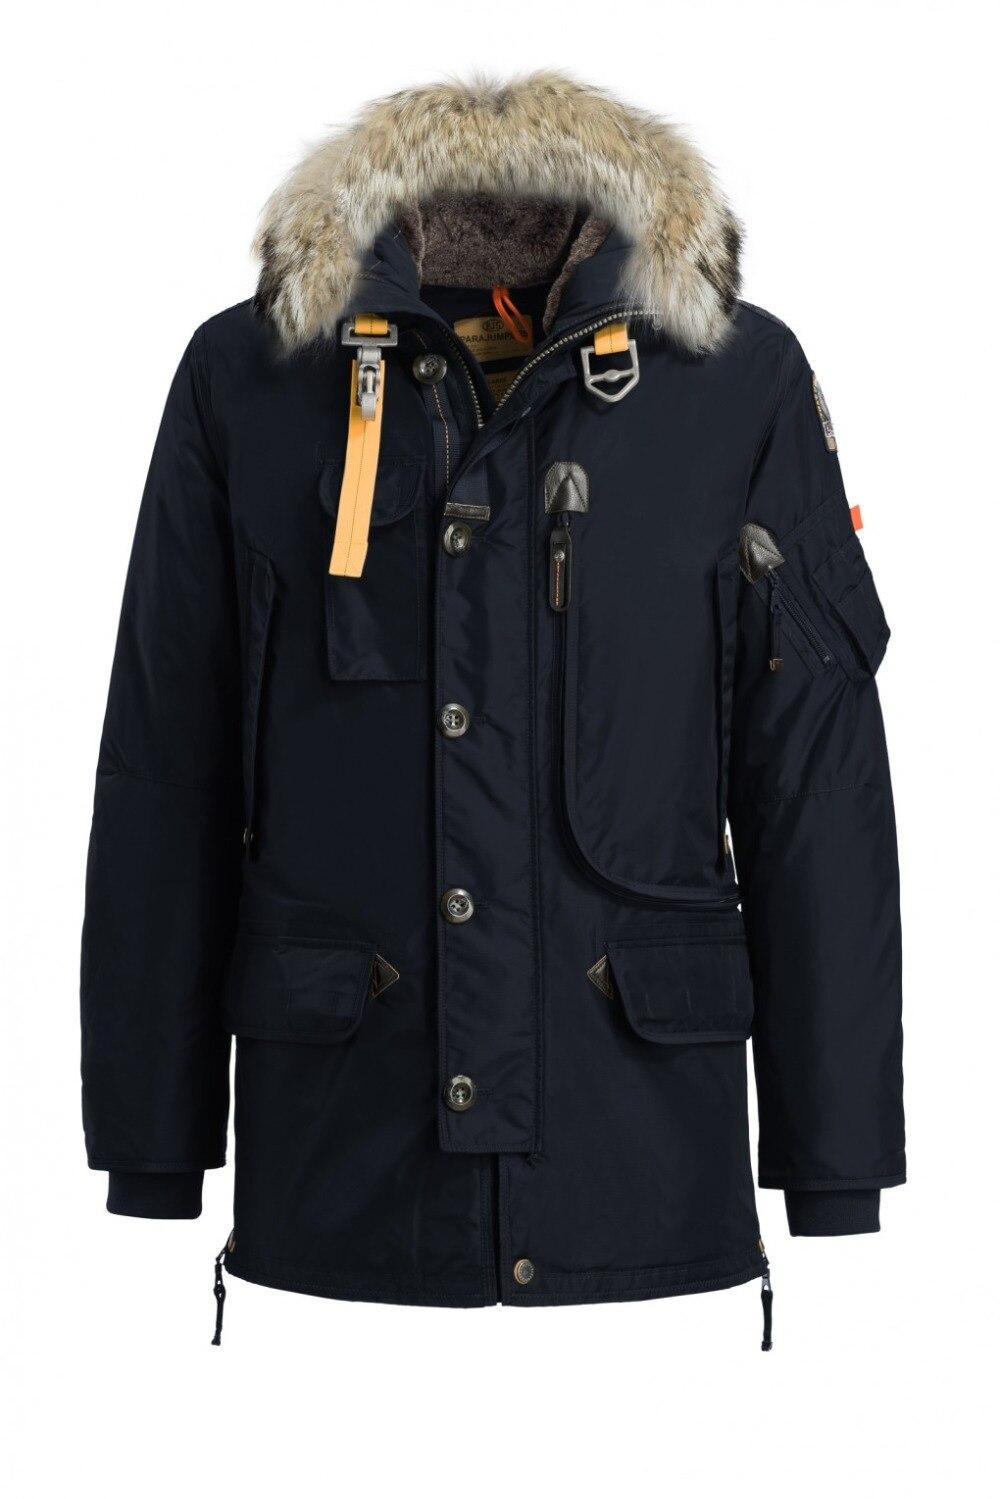 Moda masculina longo inverno quente kodiak casual para baixo inverno casaco homem outerwear frete grátis casacos